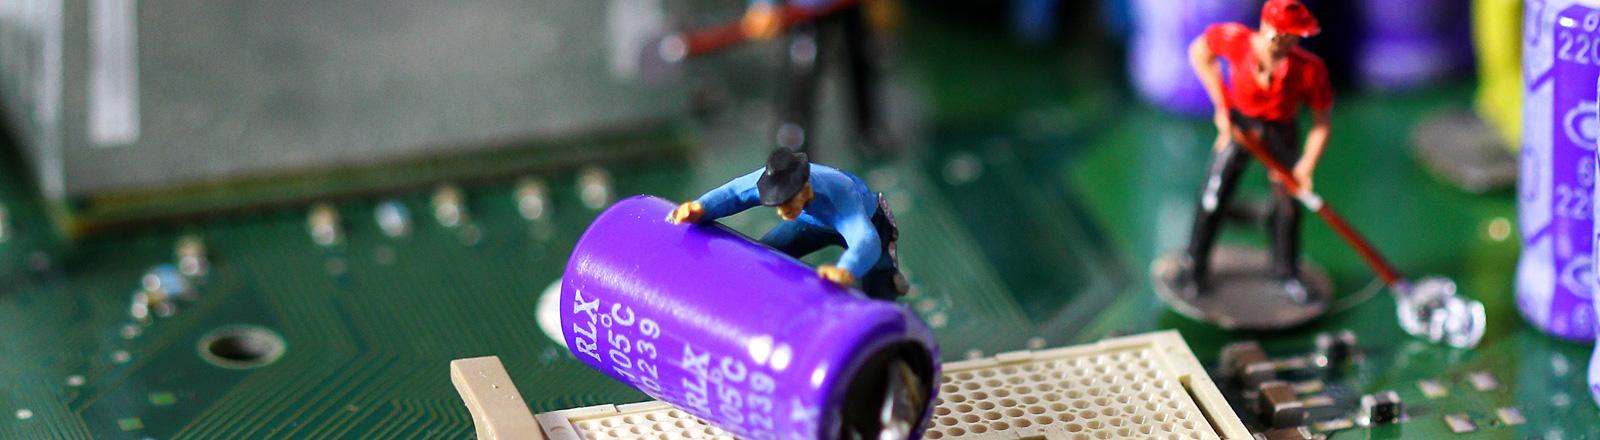 Defekte Festplatte mit Miniaturmännchen